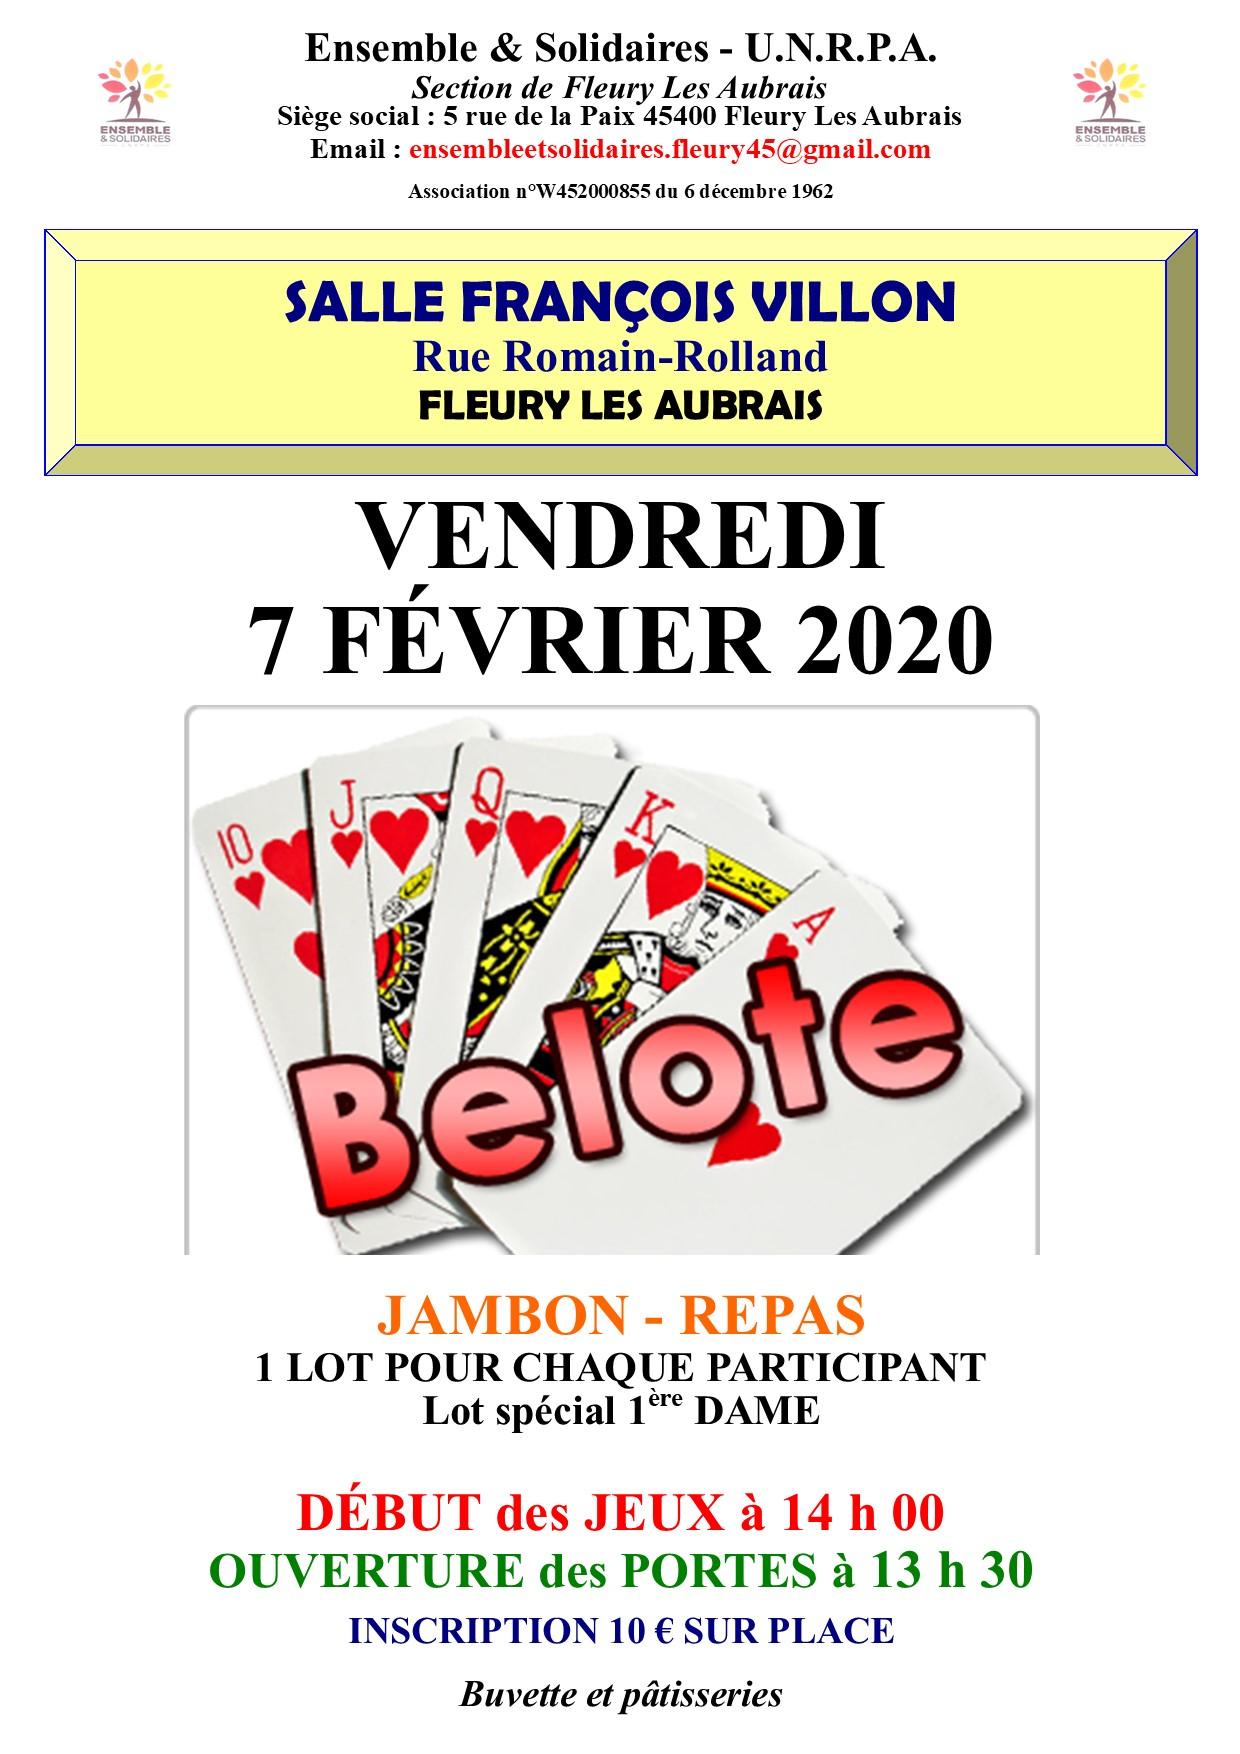 Affiche BELOTE 7 02 20(1).jpg